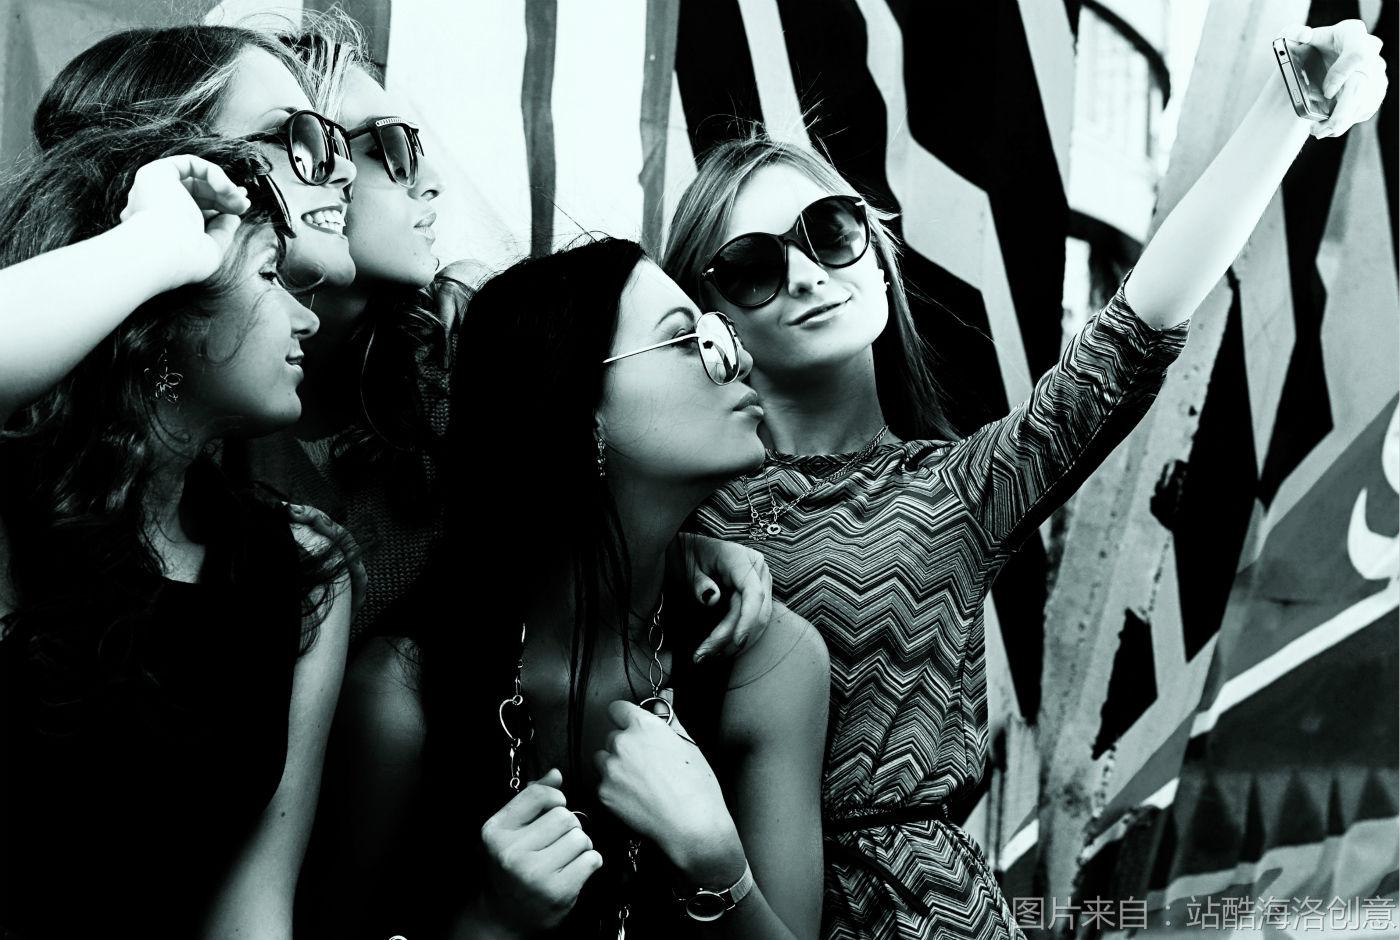 玲珑沙龙:如何打造一个城市女青年的垂直社区?